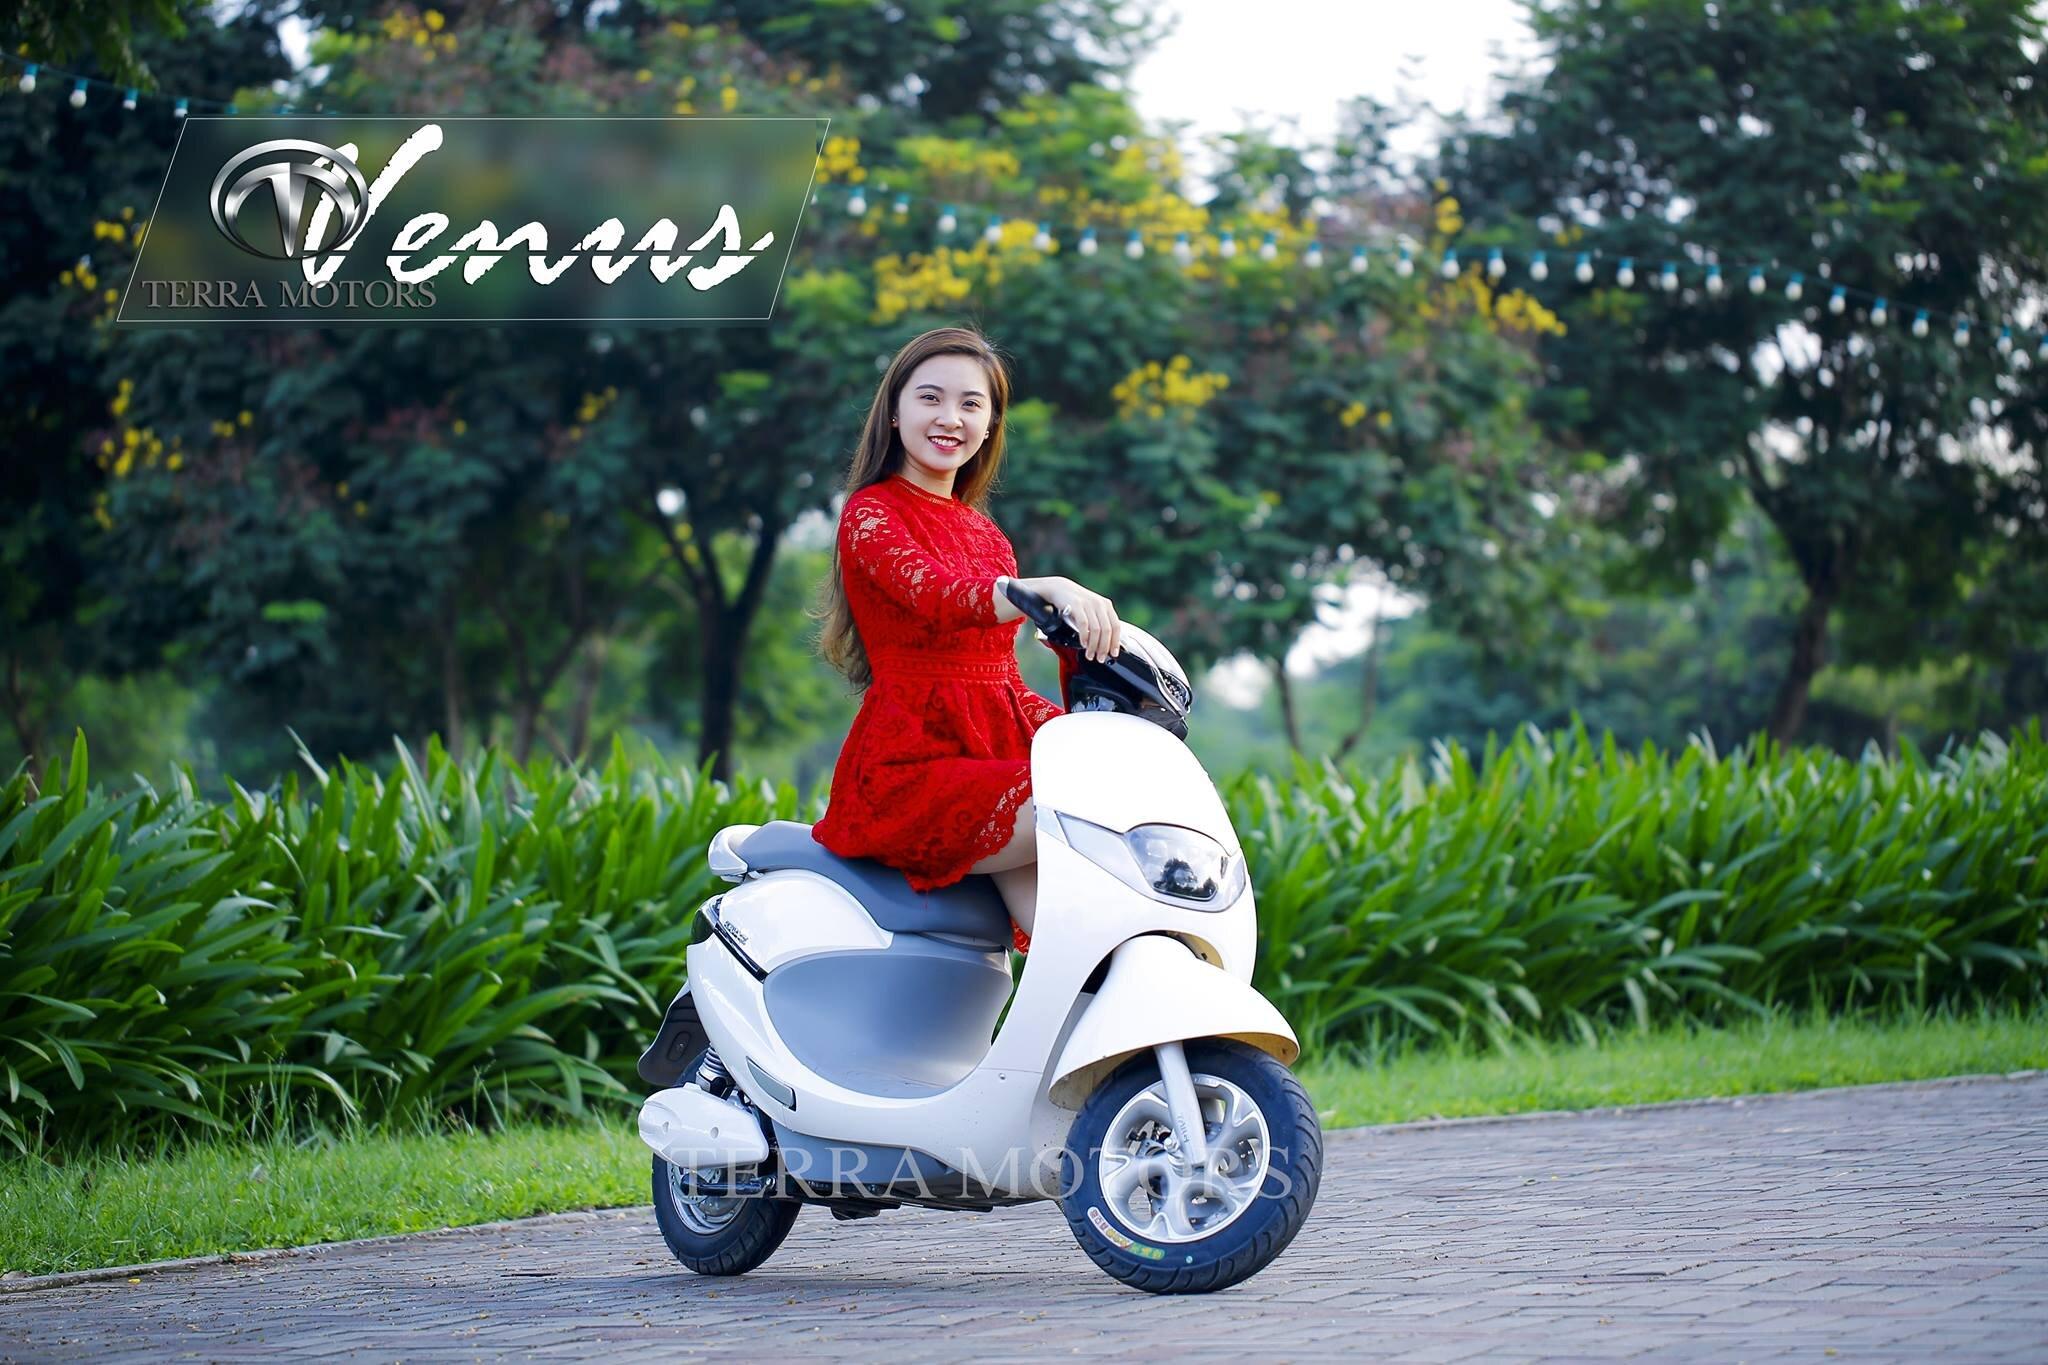 Xe máy điện Terra Motors Venus